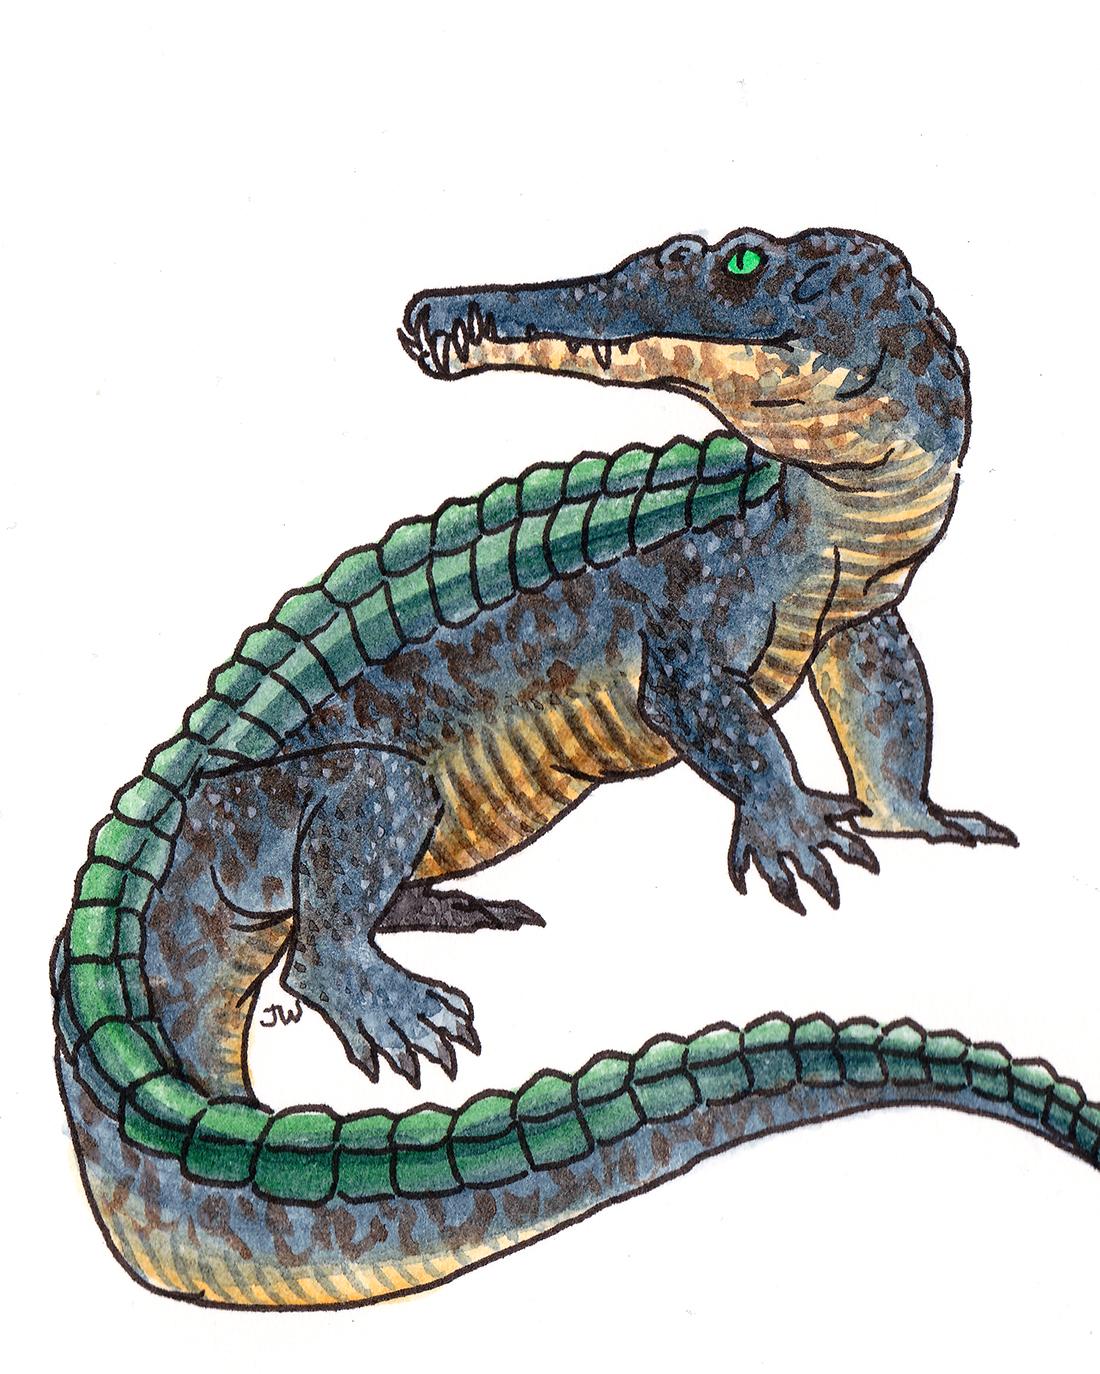 phytosaur.jpg